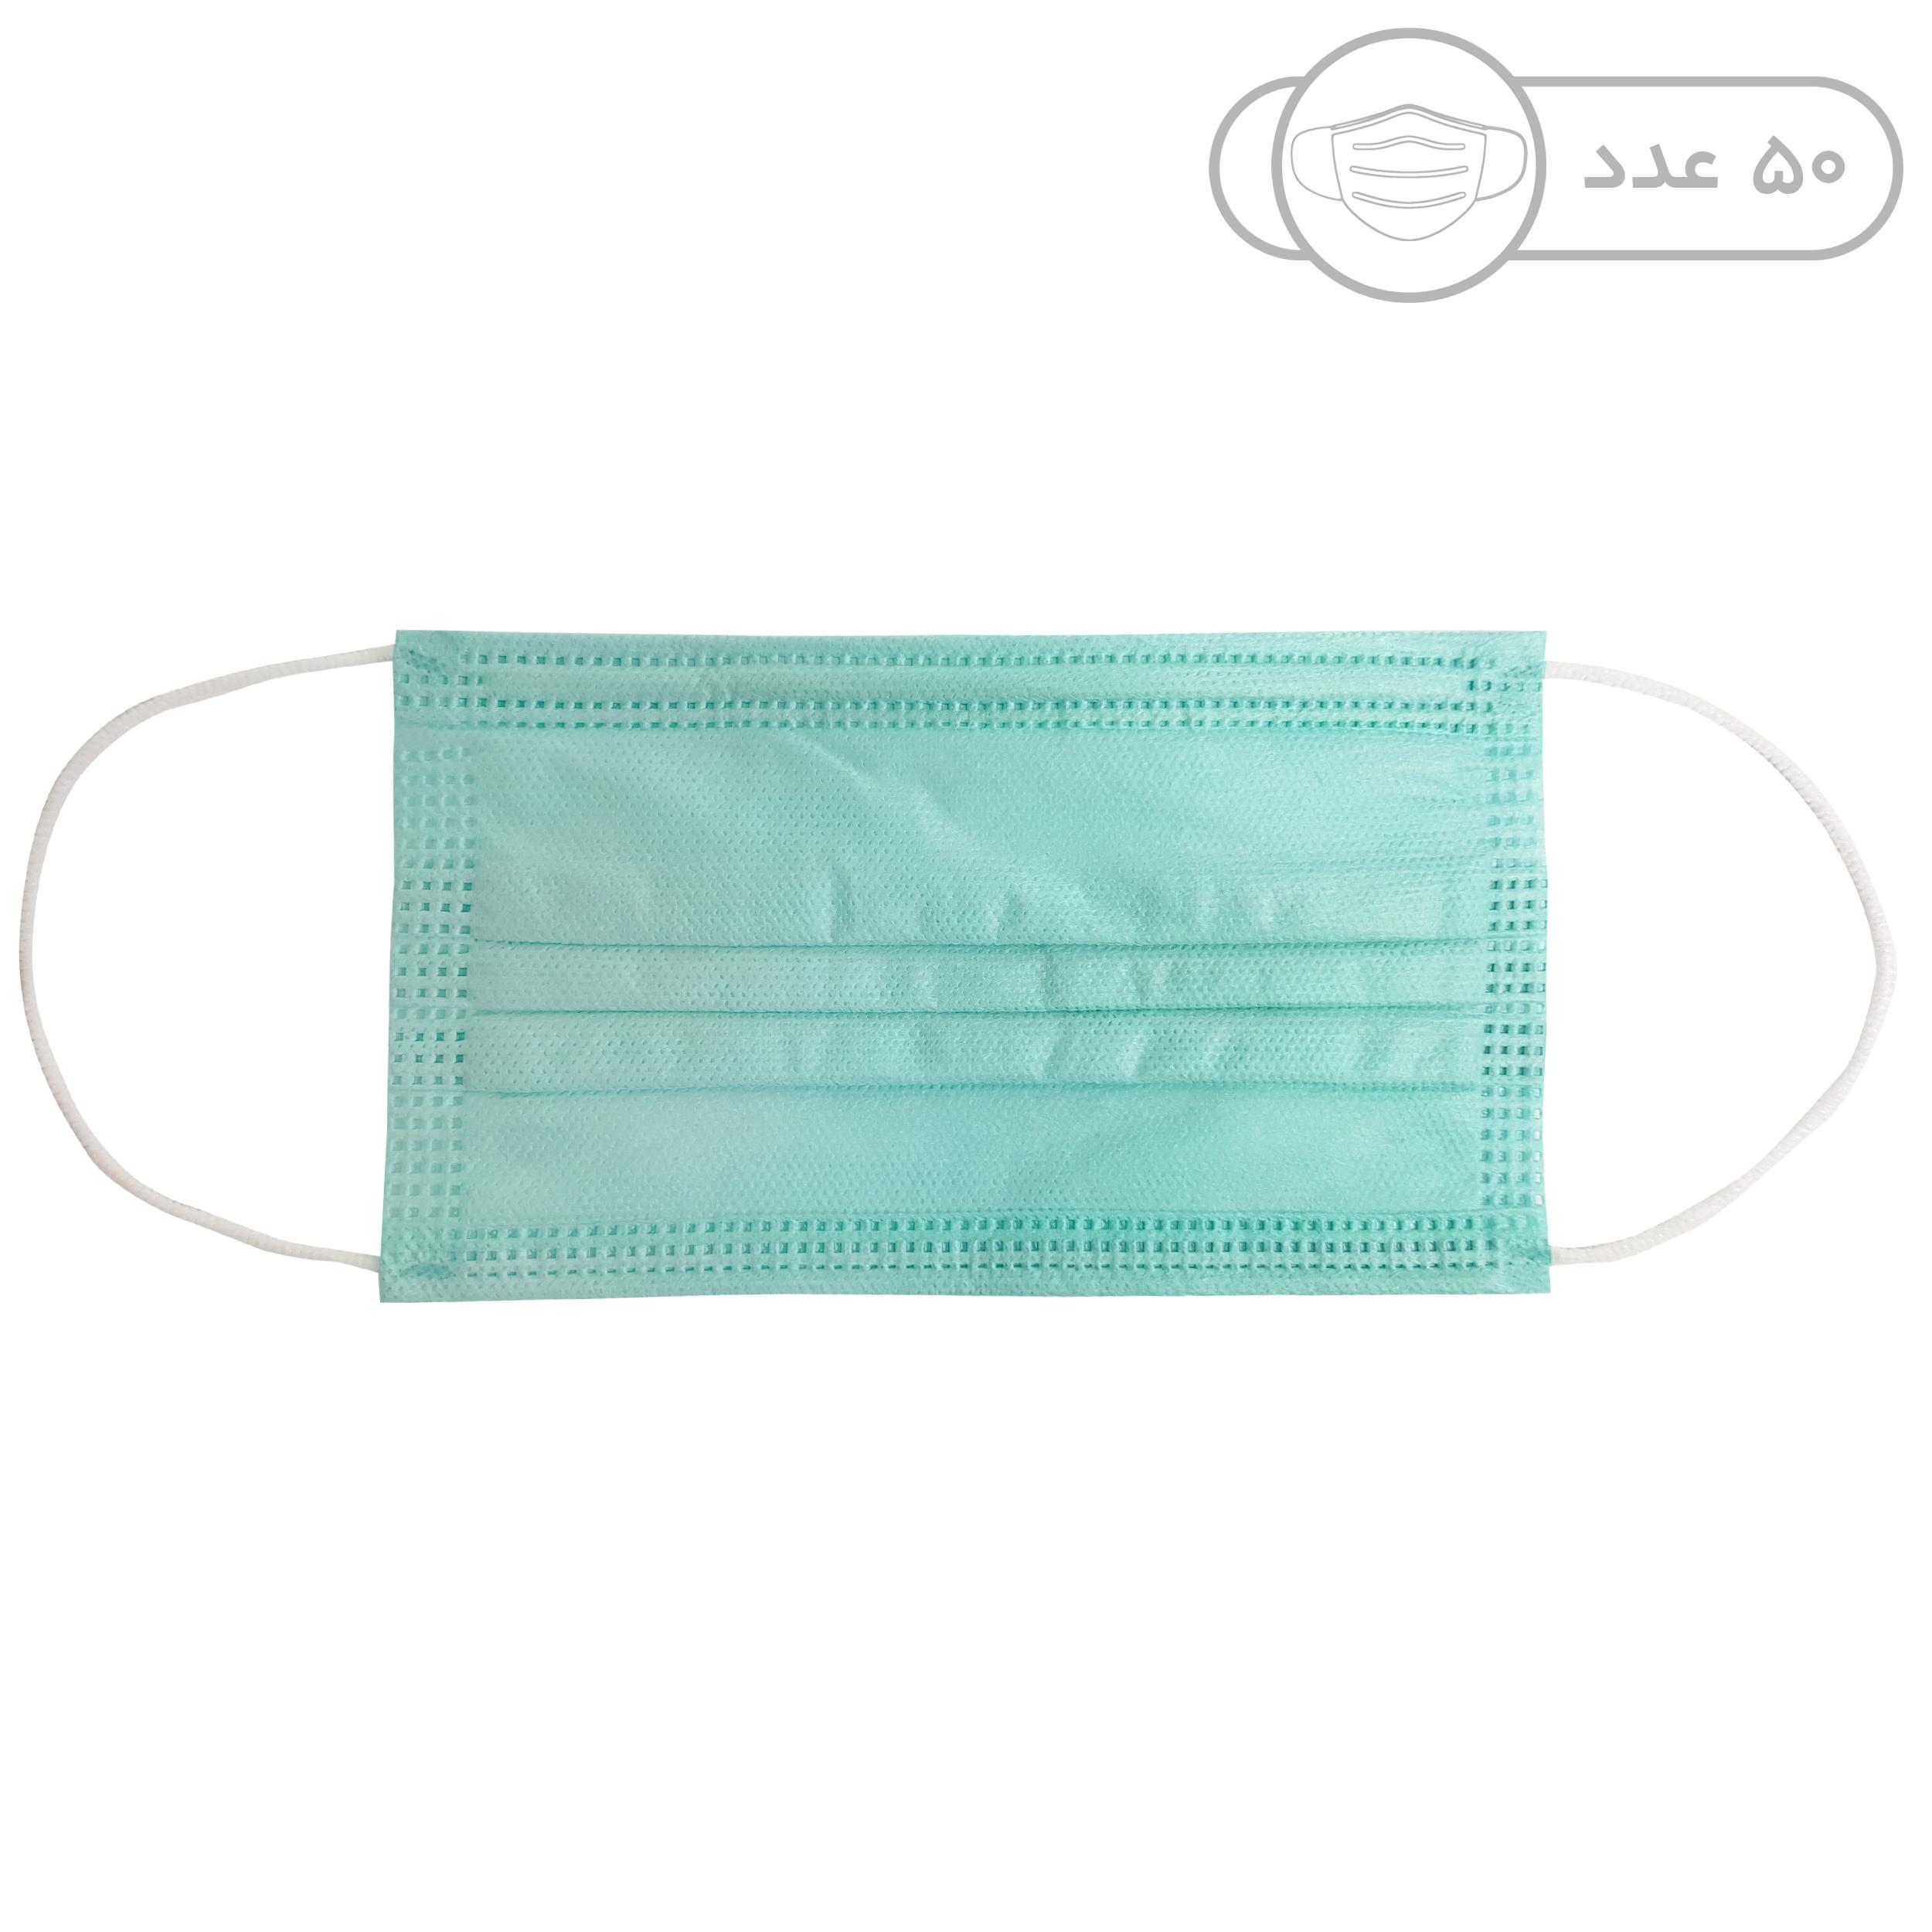 ماسک تنفسی مدل SSMMS-2 بسته 50 عددی